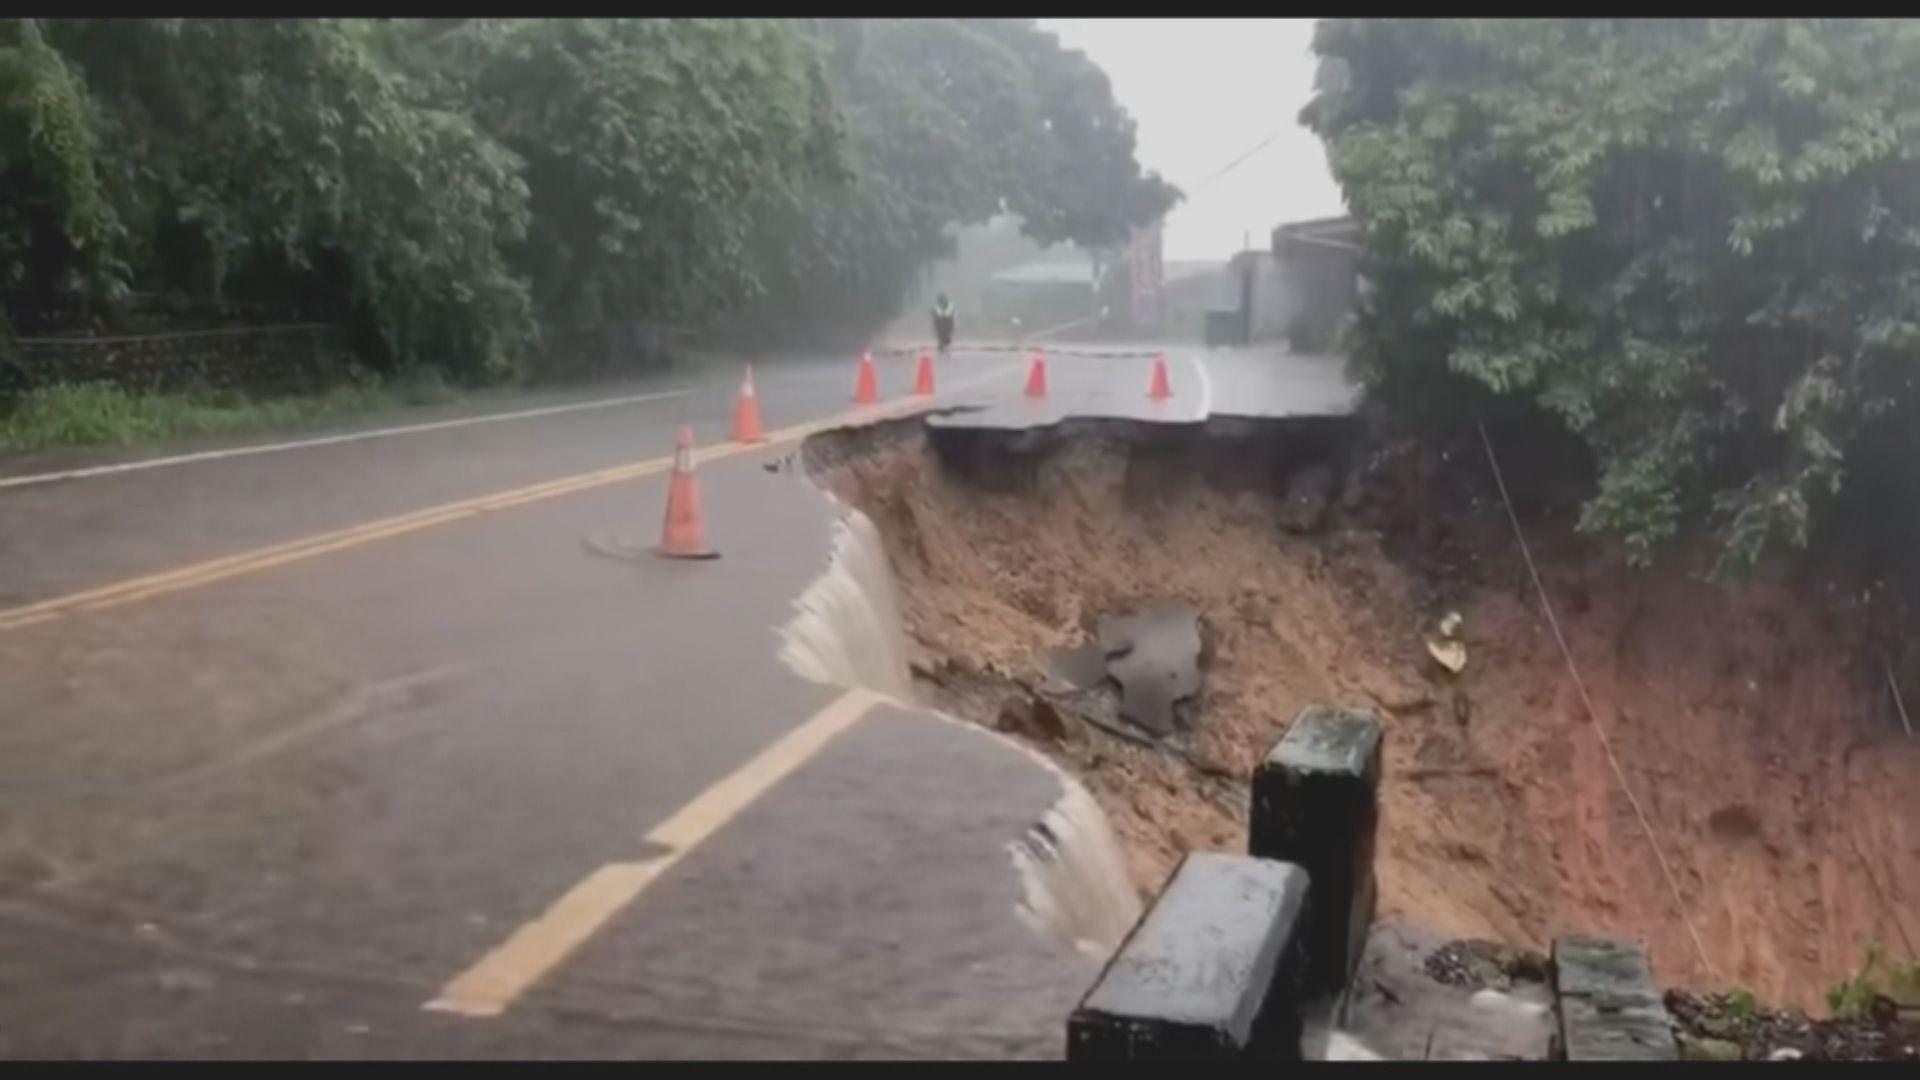 彰化縣下暴雨有山路塌陷 七旬婦人駕駛電單車跌入水溝